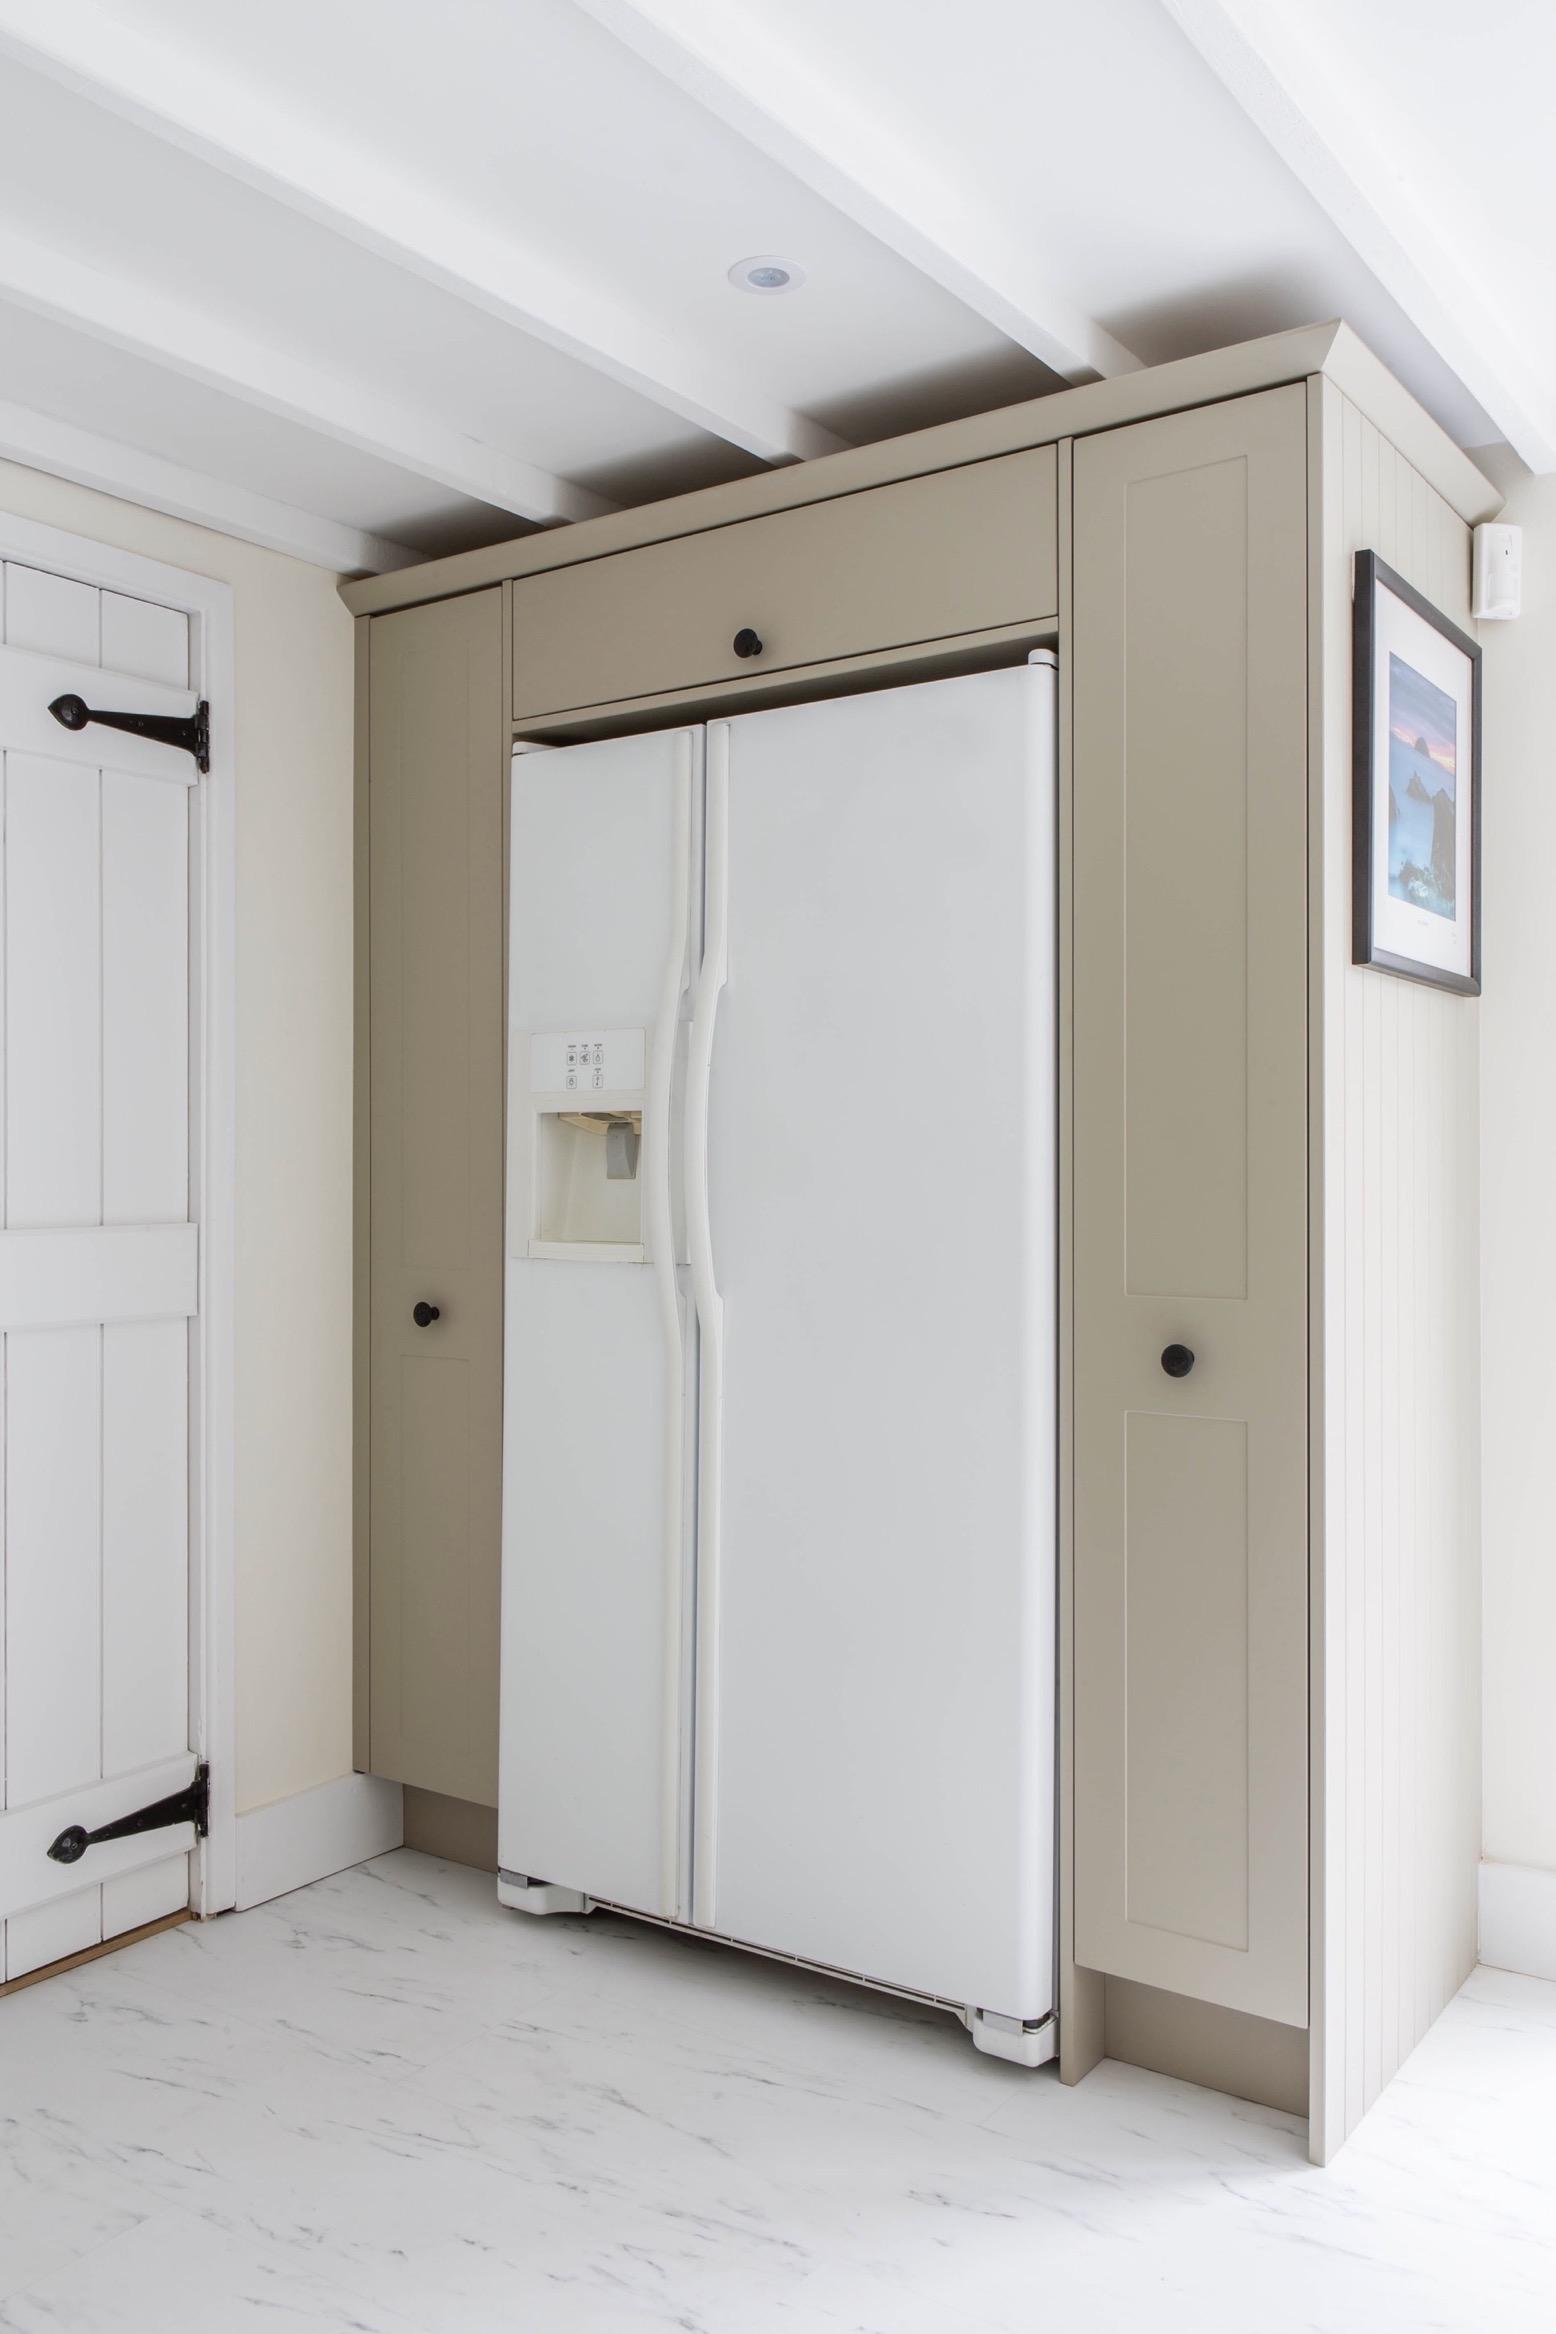 Pull out larder storage fridge housing shabbingdon thame buckinghamshire 1